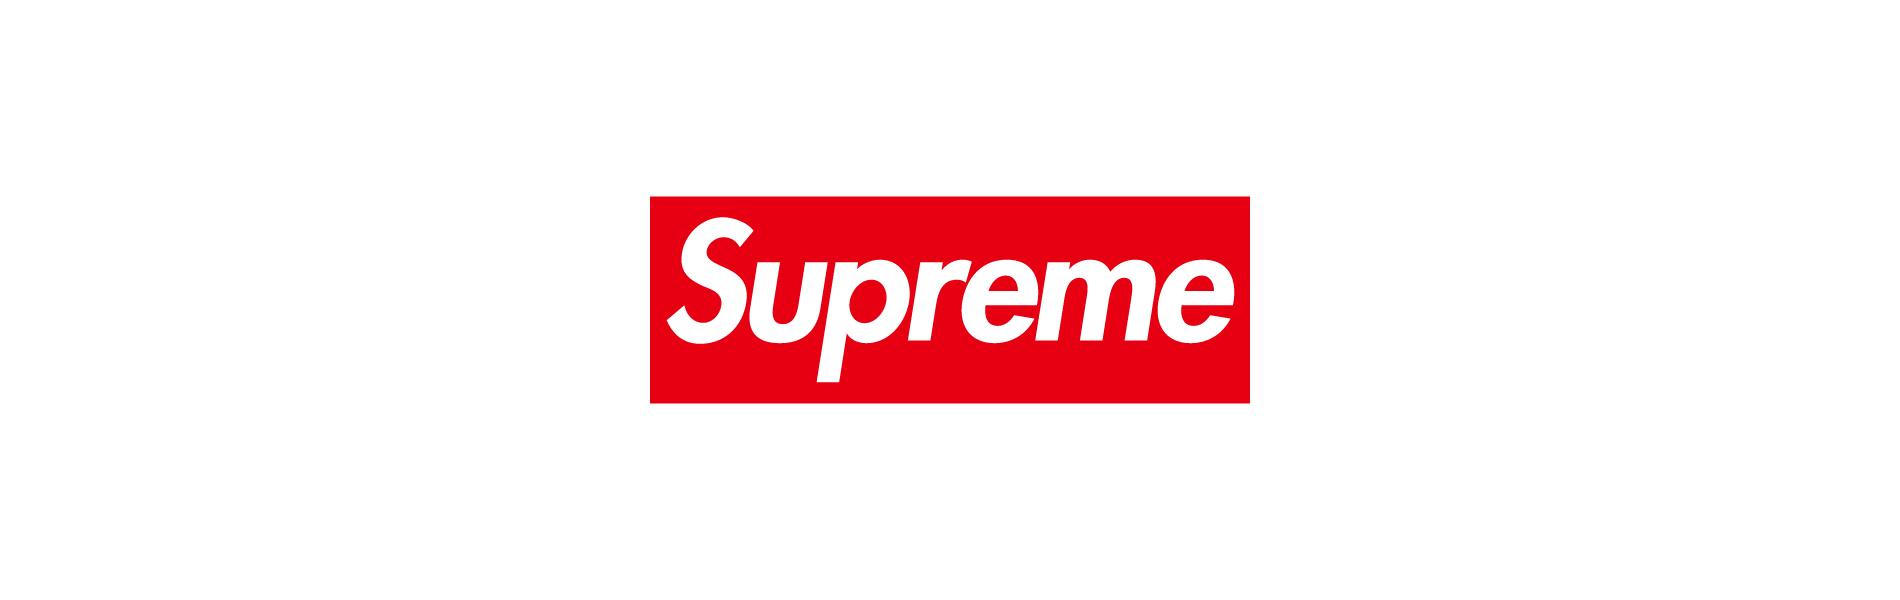 Supremeを代表するボックスロゴ